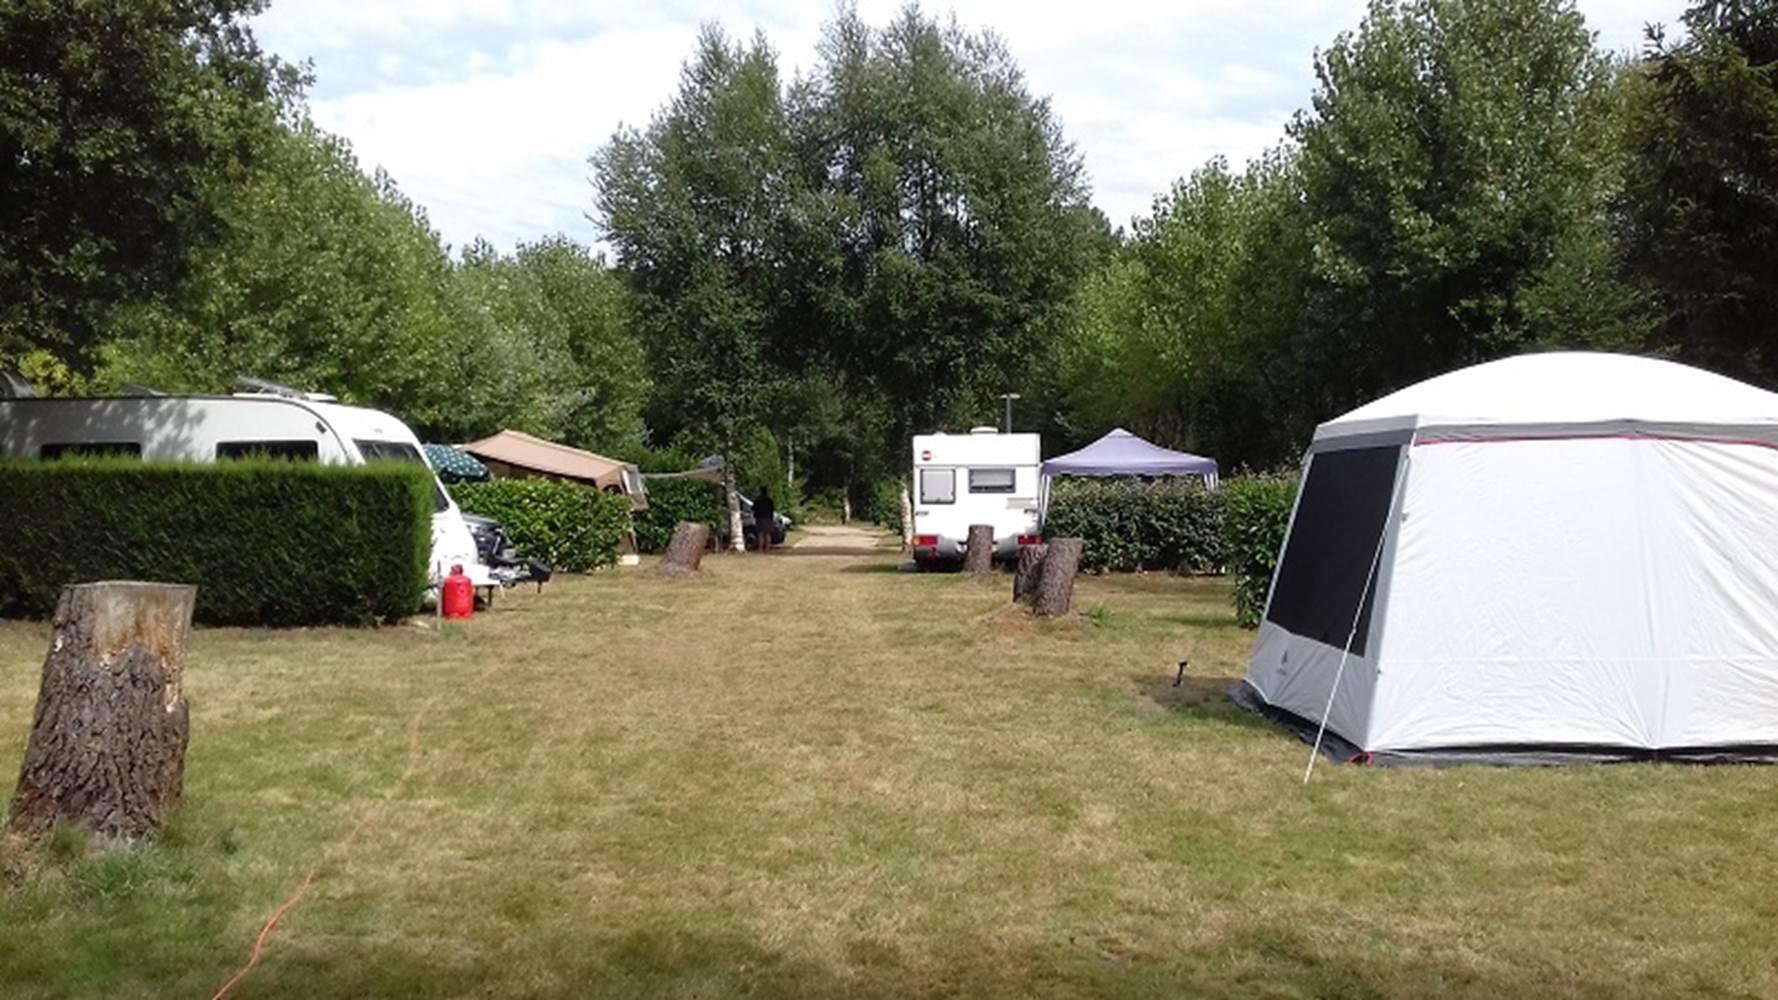 emplacement-caravane-tente-camping-car-camping-kergo-carnac-morbihan ©